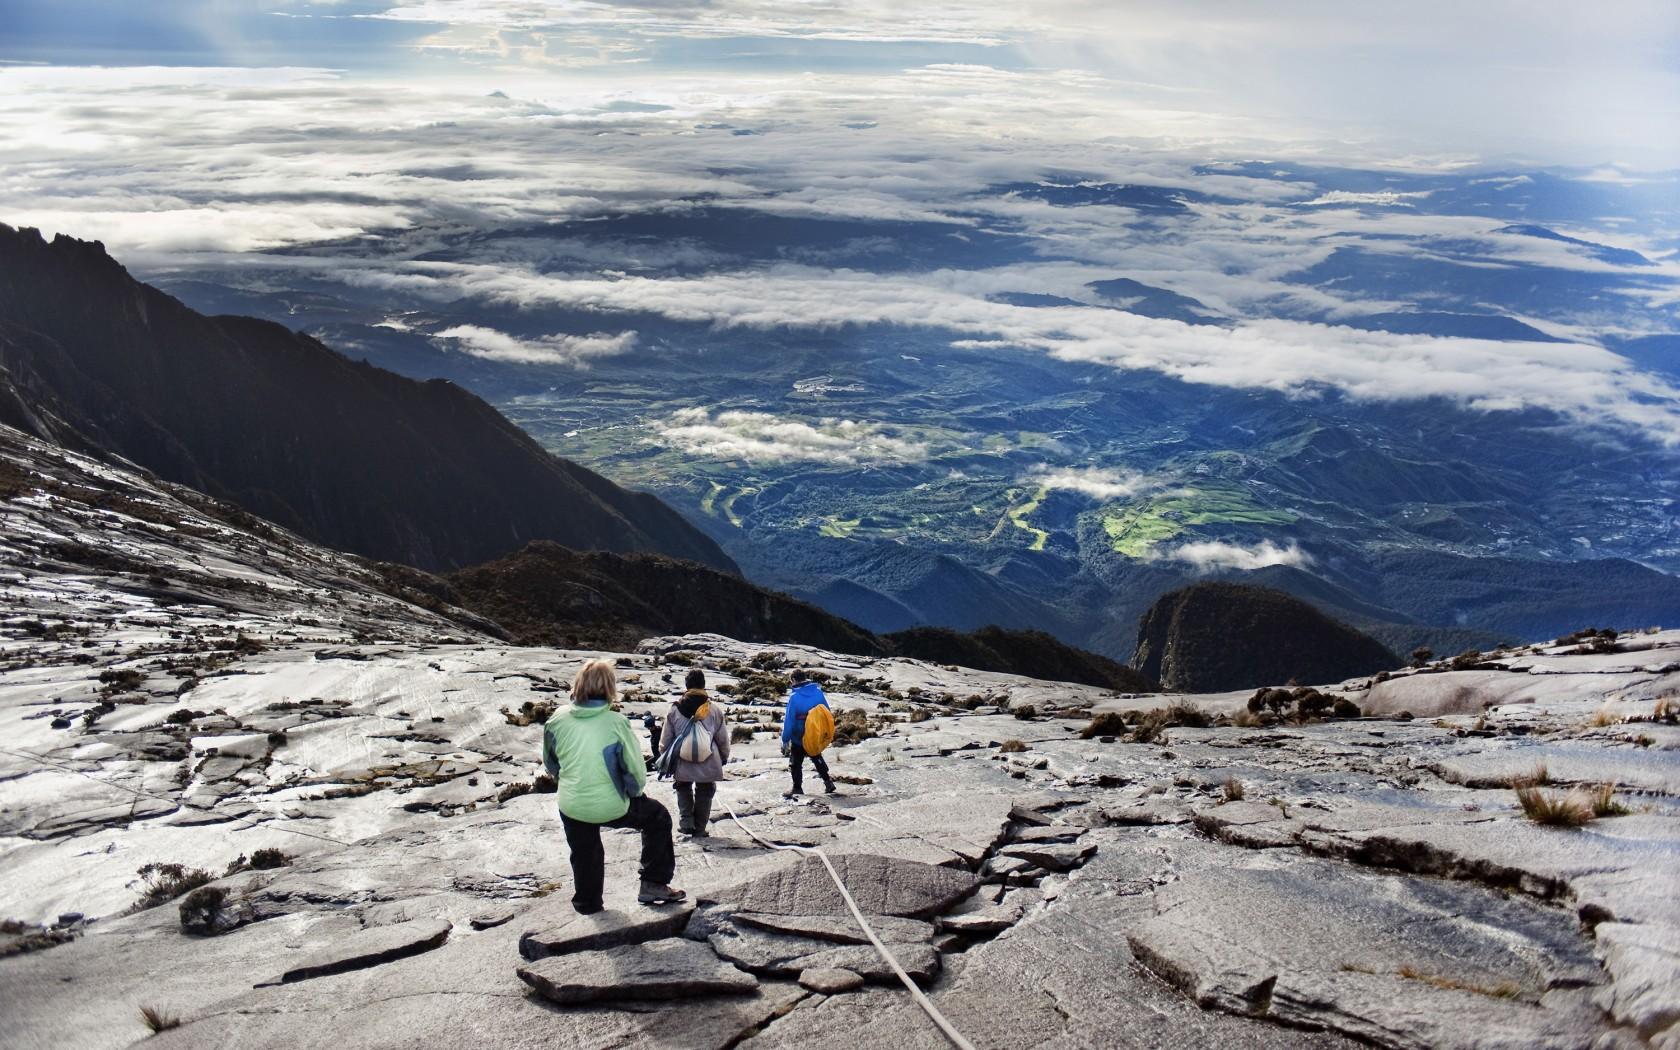 Overs-12.Mount-Kinabalu-IndonesiaFCR-306120-1680x1050